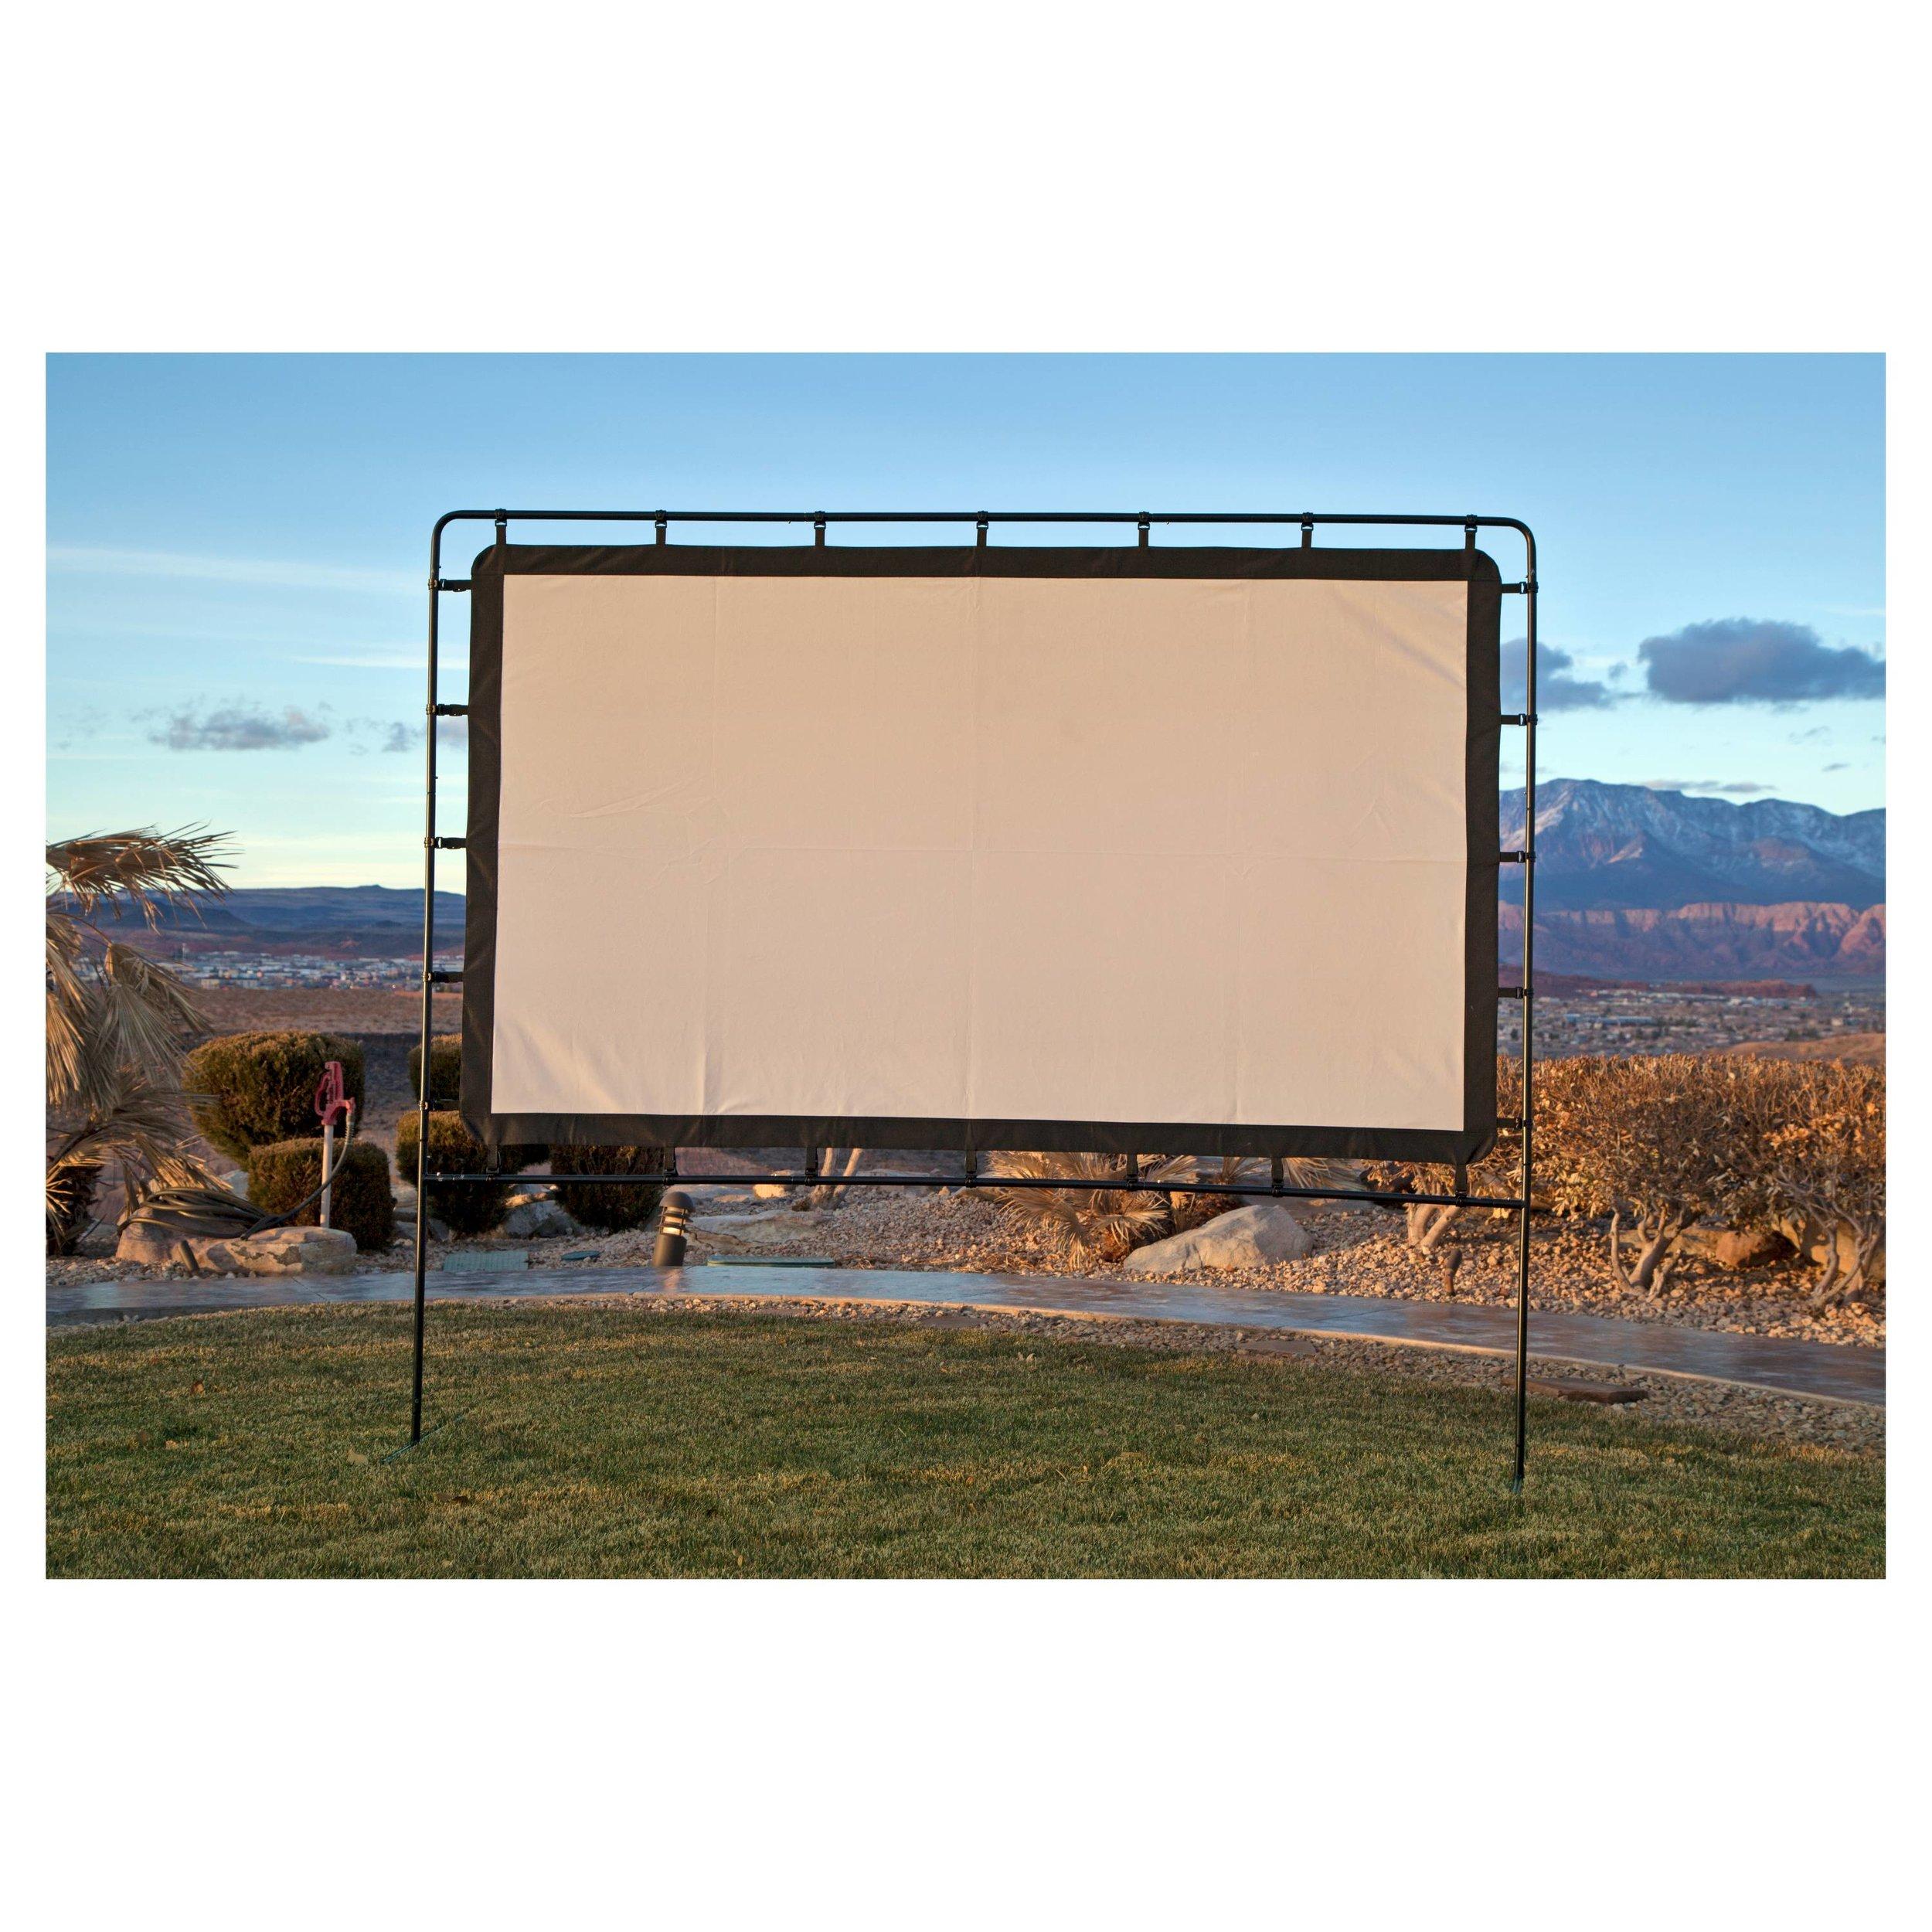 outdoor movie screen, outdoor projector screen, large outdoor movie screen, portable outdoor movie screen, camp chef outdoor movie screen,